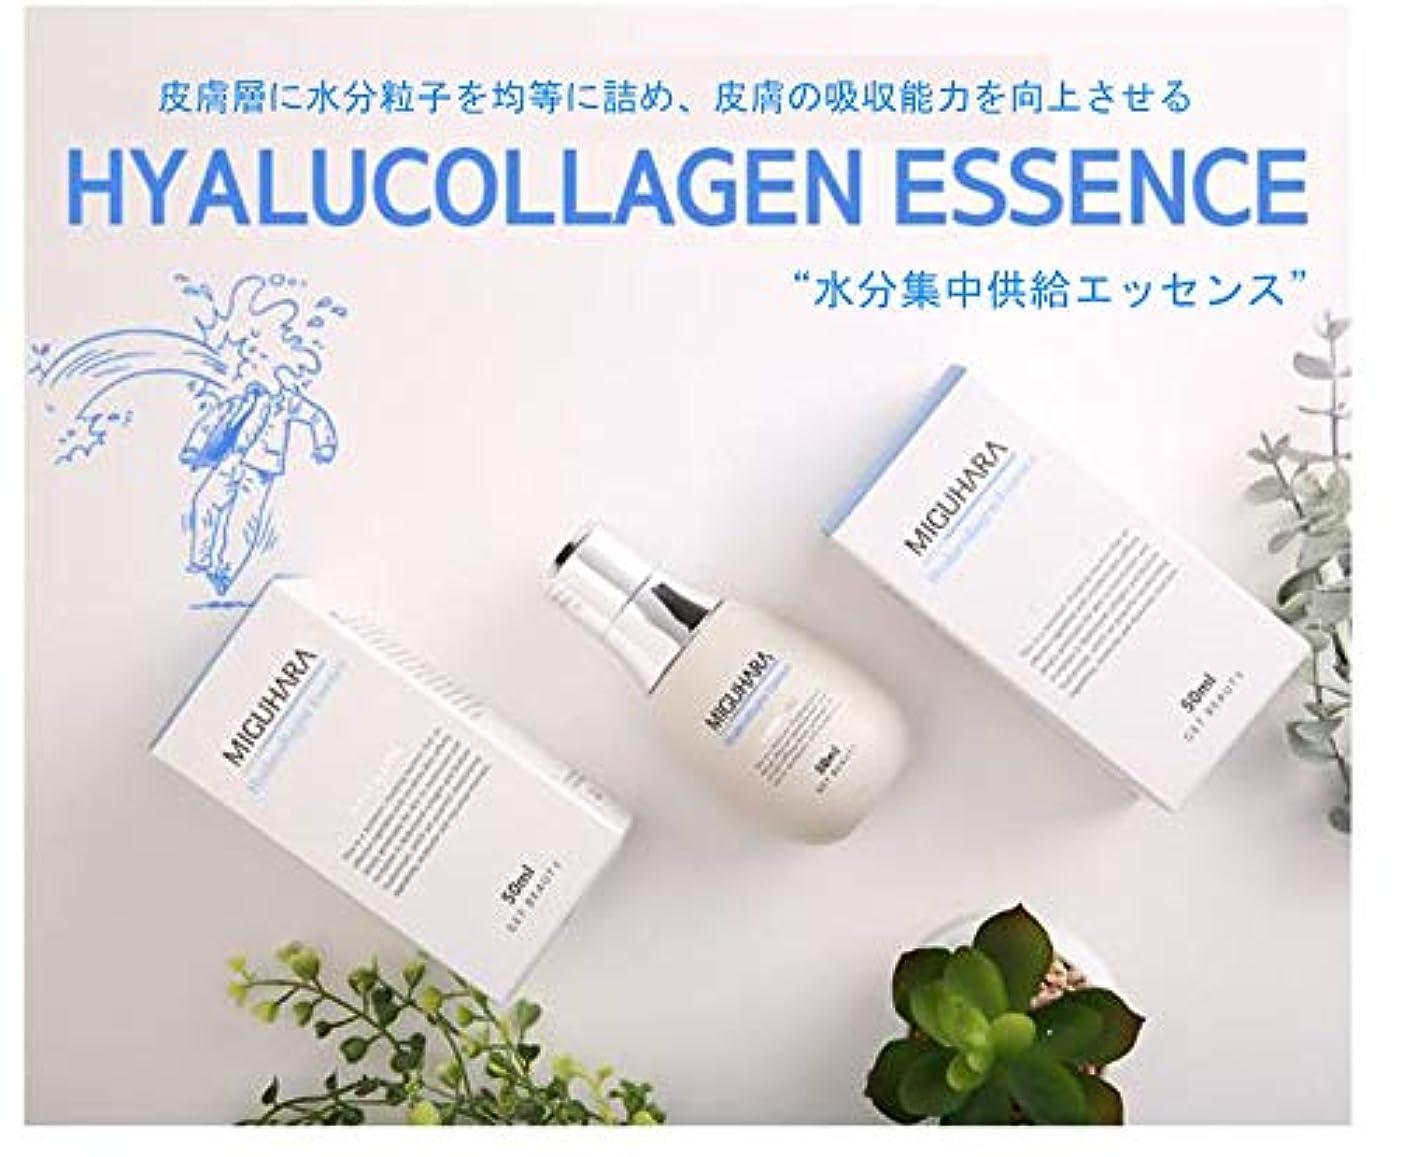 以下大恐れるMIGUHARA Hyalucollagen Essence 50ml /ヒアルロンコラーゲンエッセンス 50ml